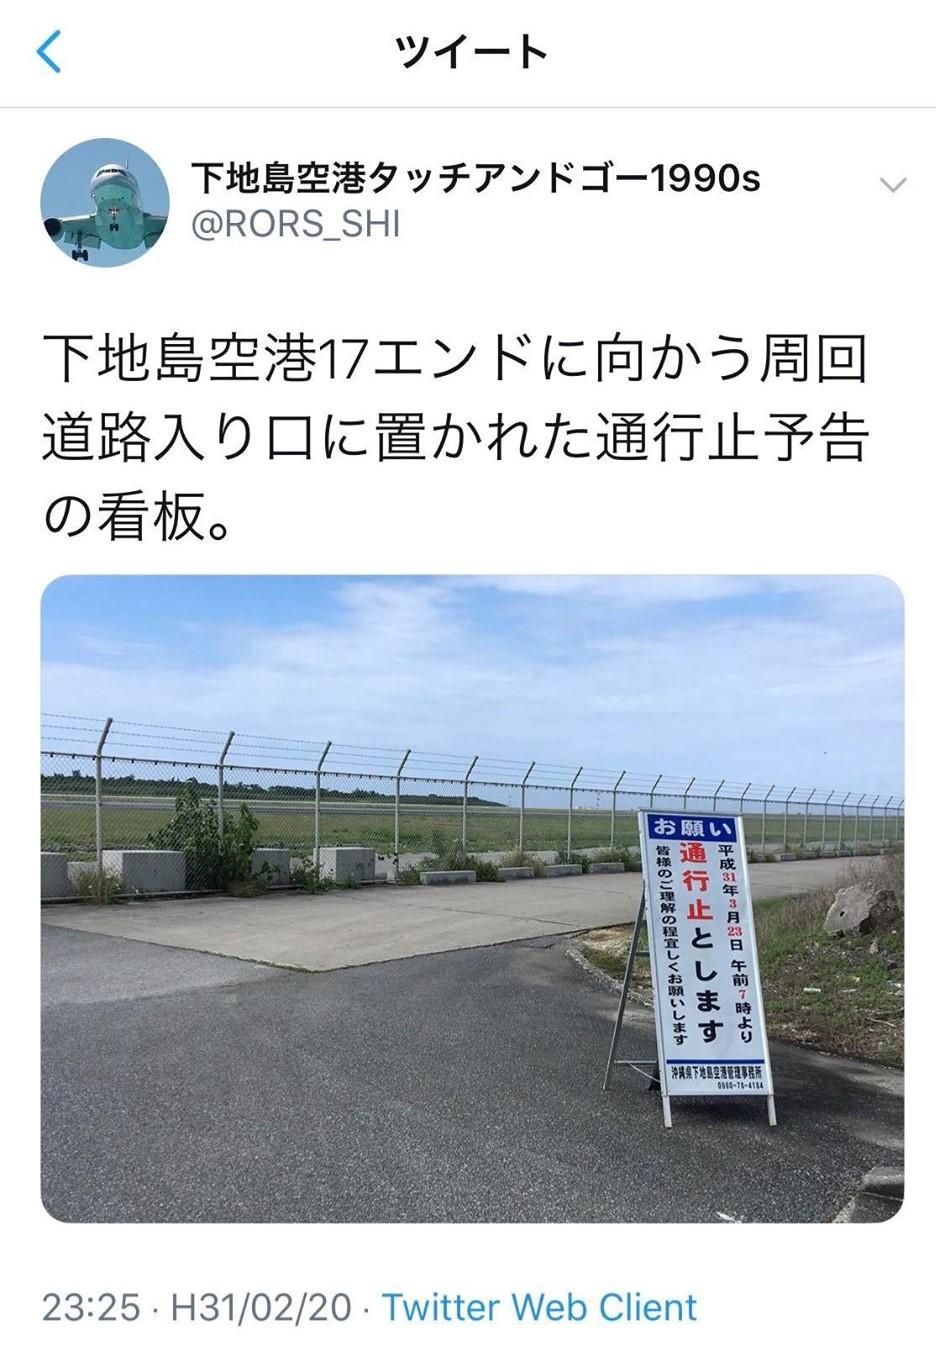 宮古島・下地島空港『17END』が車両通行止めにタッチアンドゴーツイッター